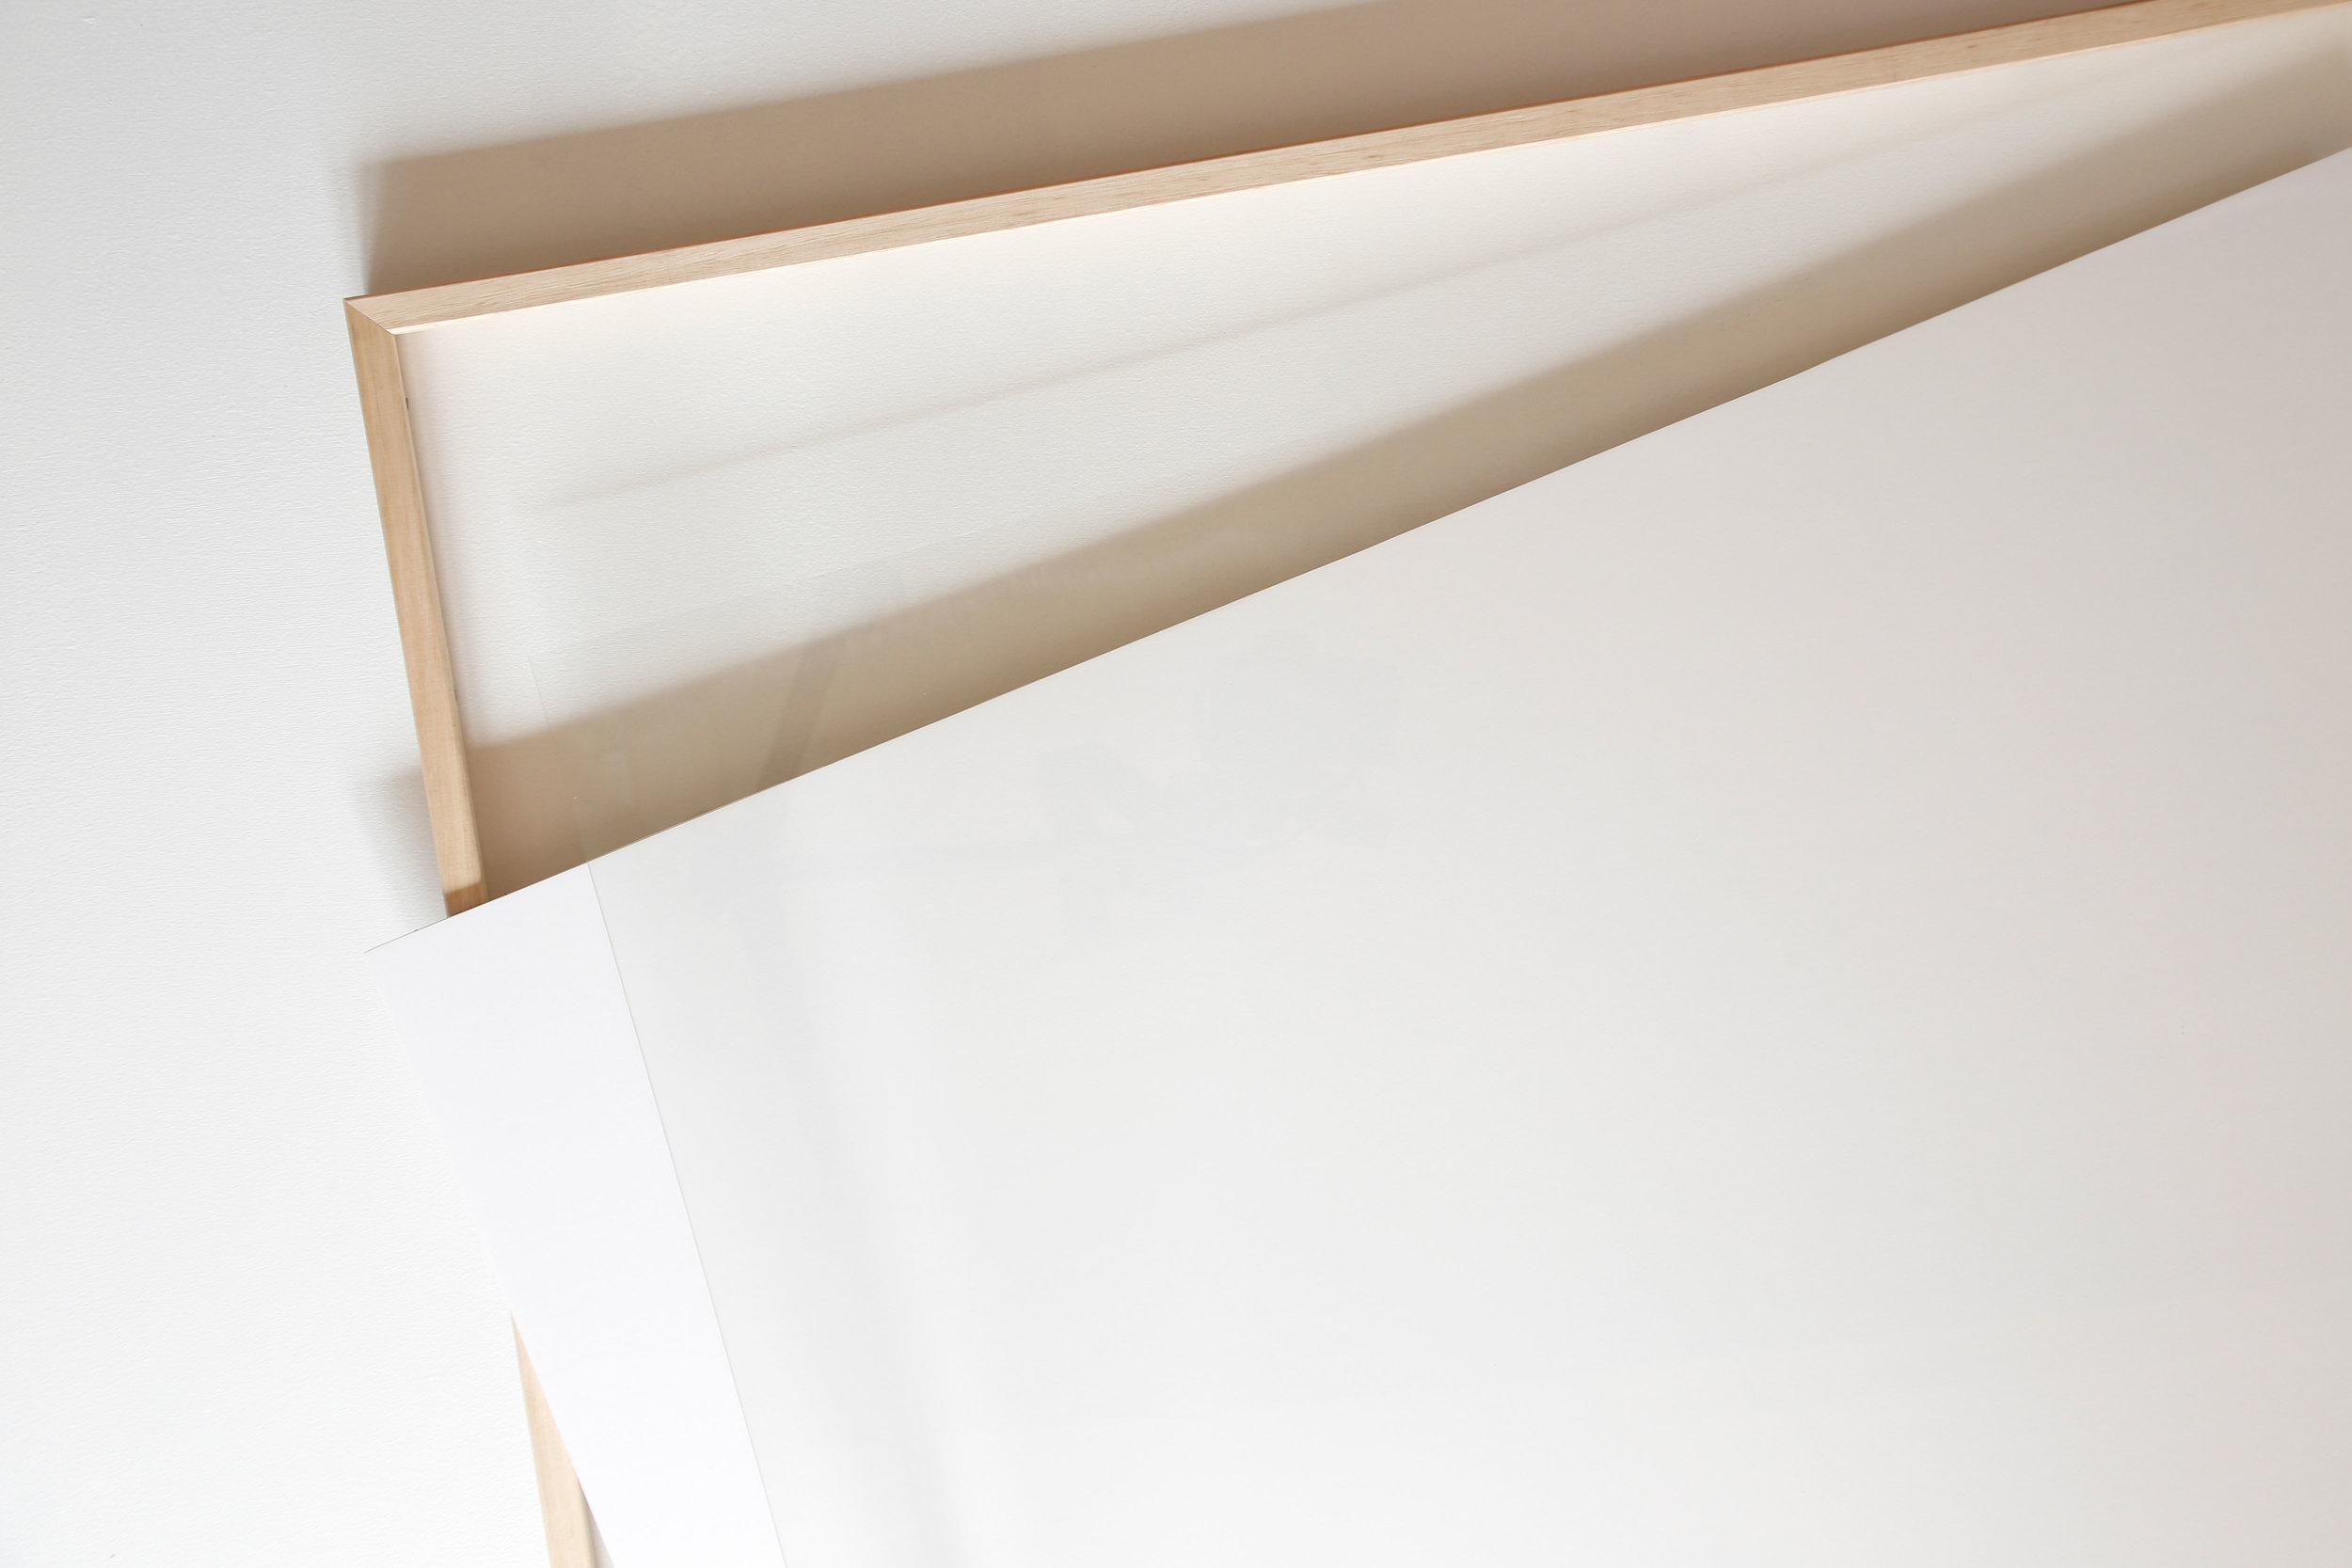 Resene-AbstractArt-DIY-Frame.jpg